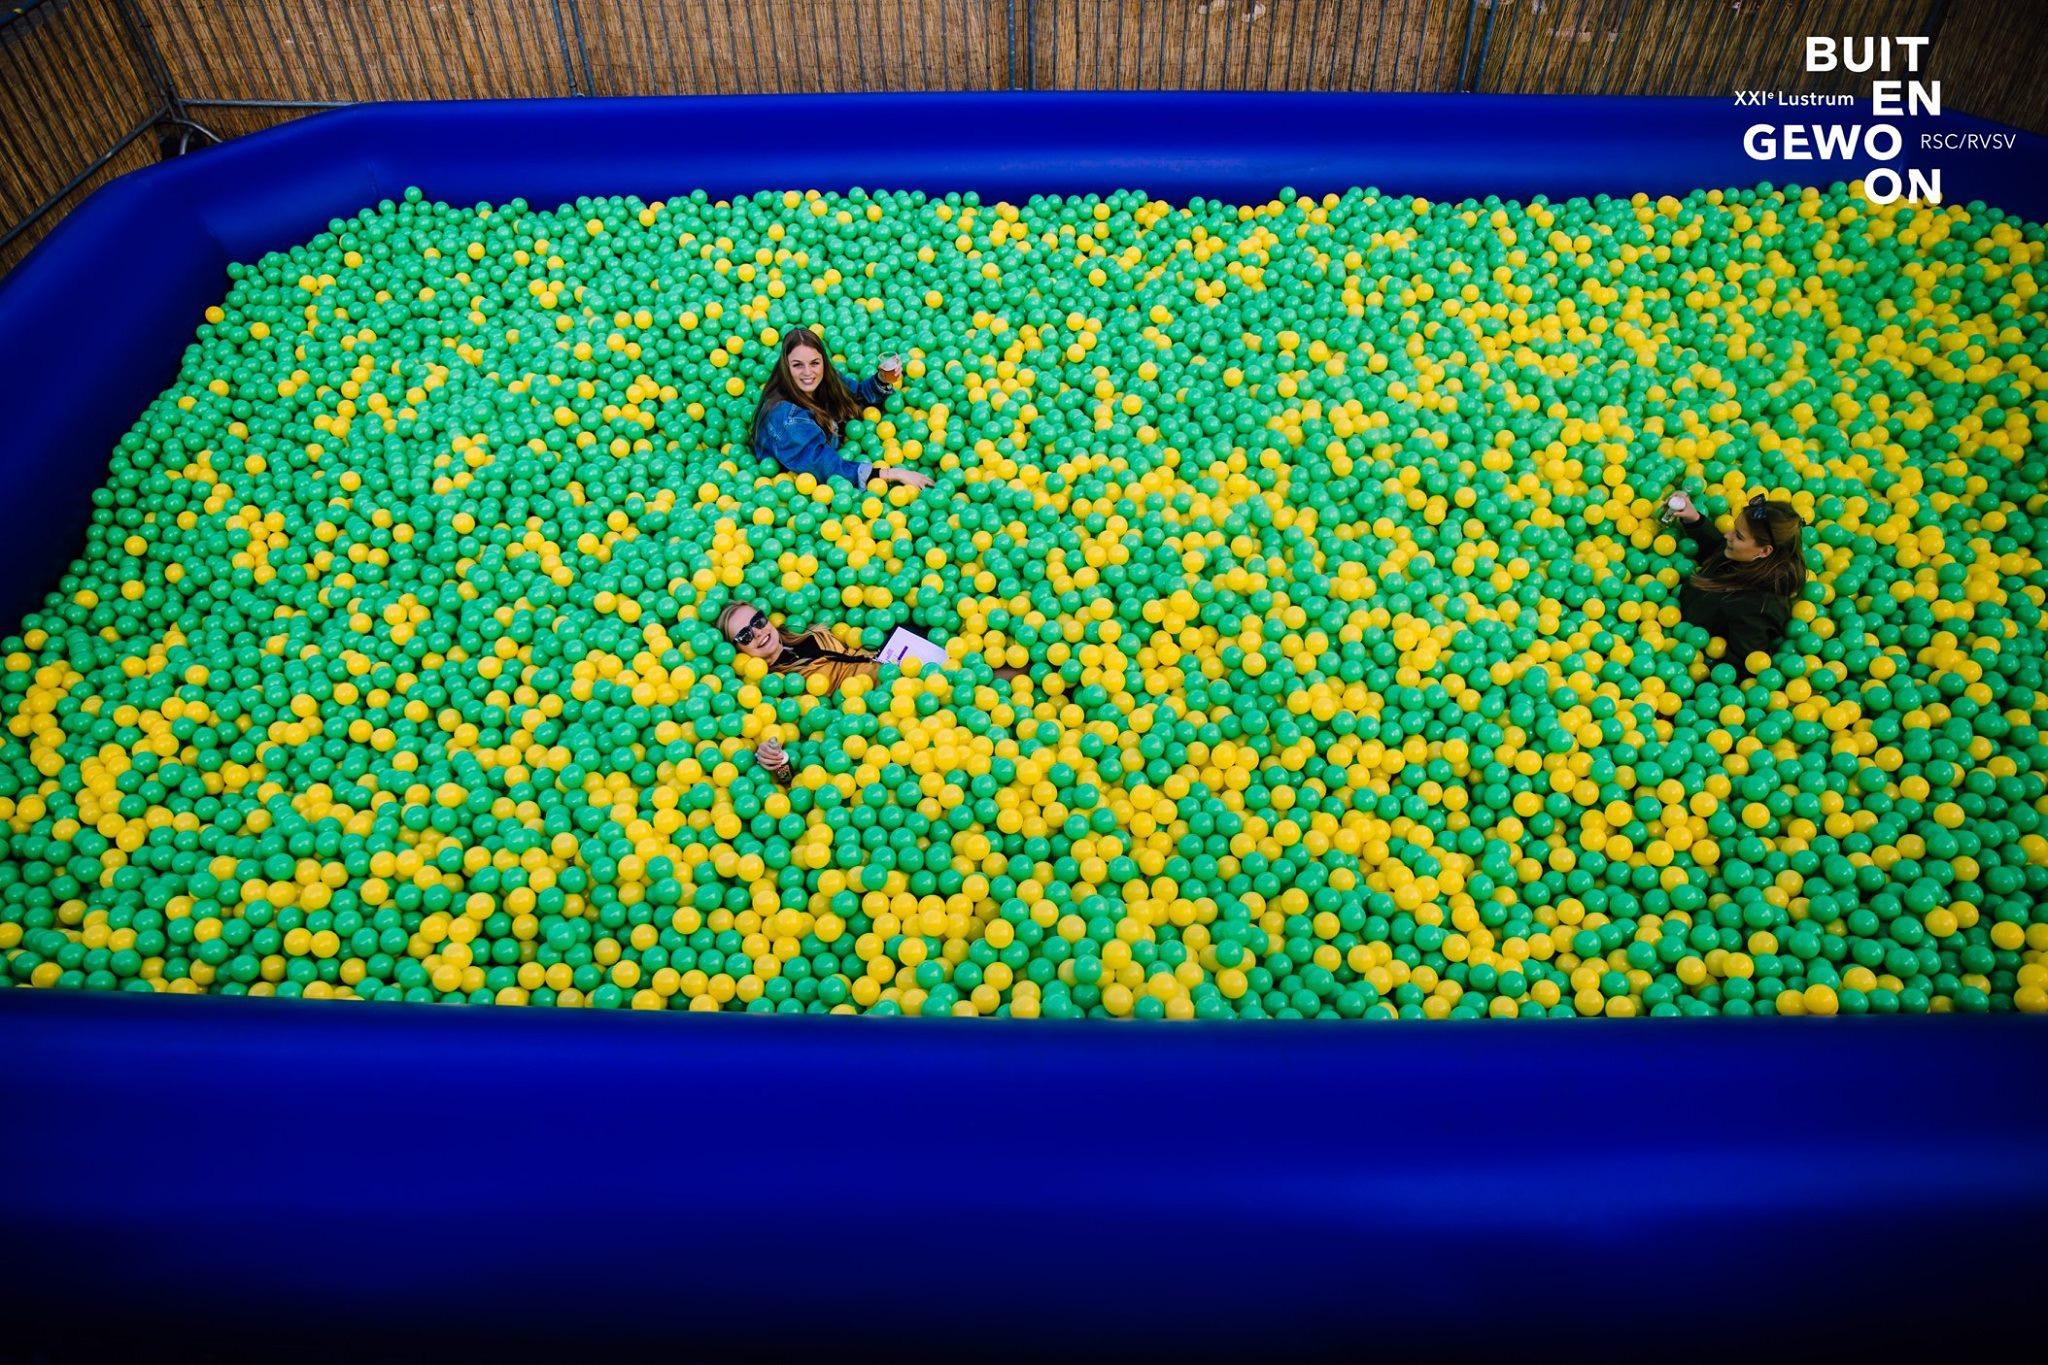 ballenbak 10x6 geel groene ballen verhuur.jpeg